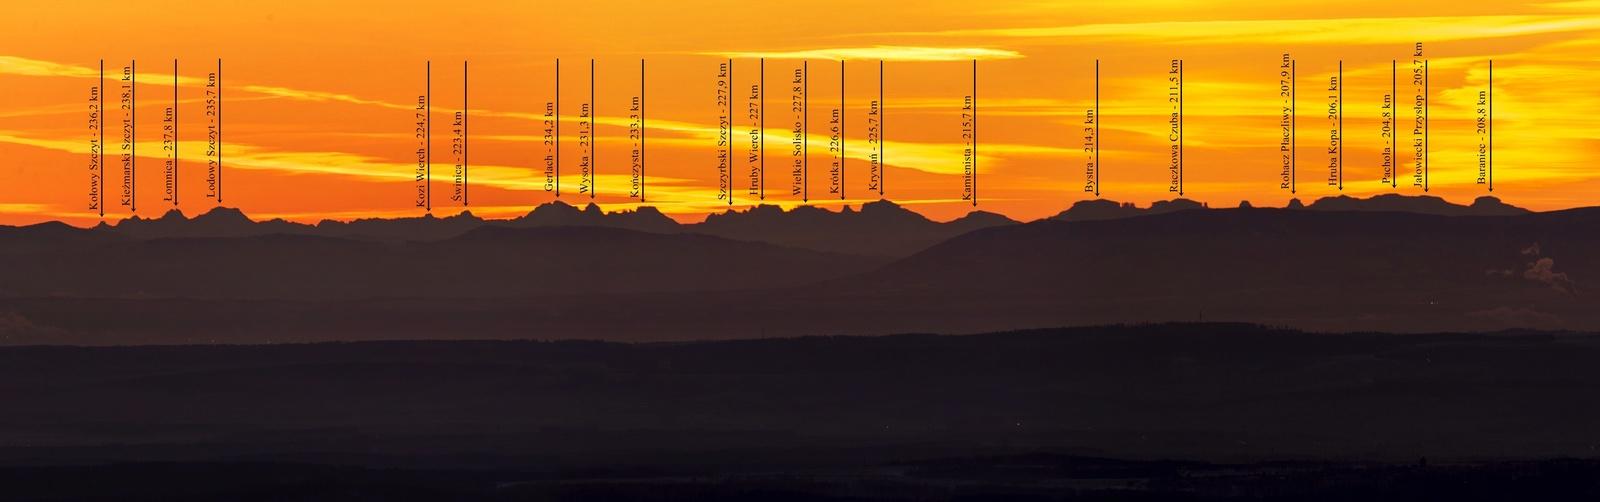 Panorama Tatr z Małego Dziada na 600 mm - 19.01.2019.jpg